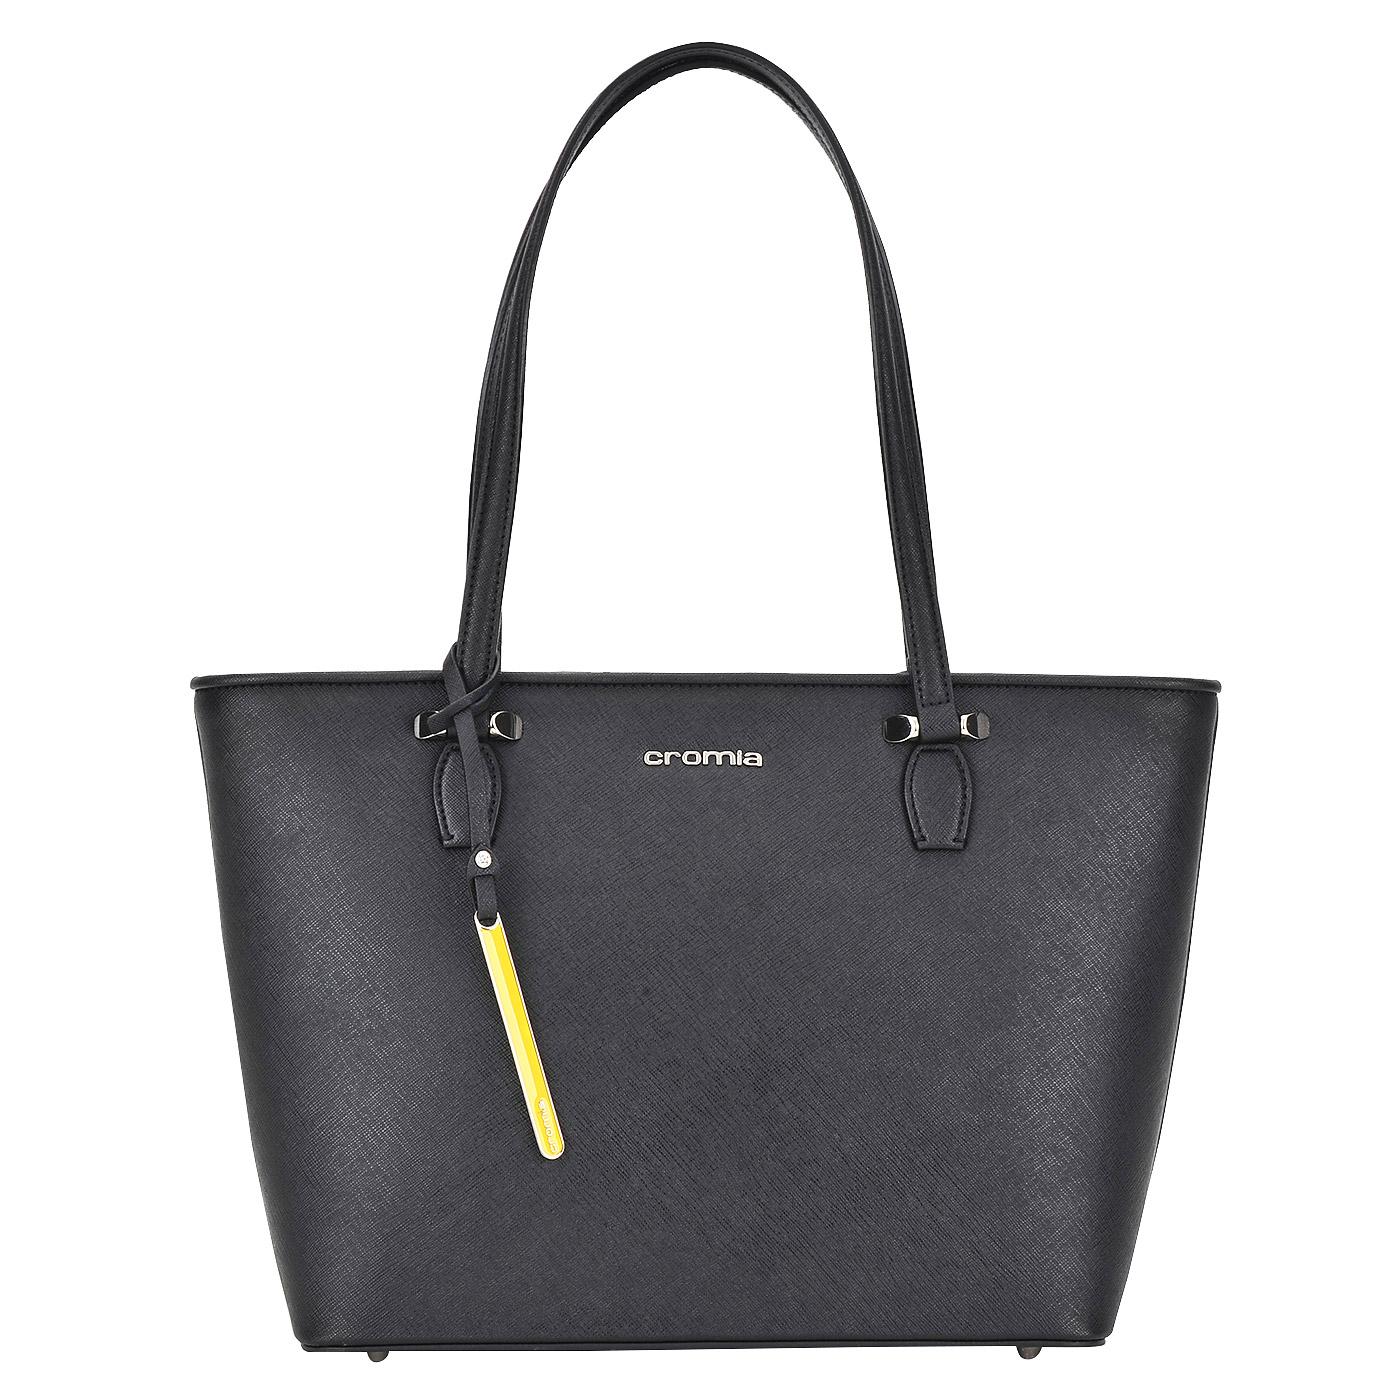 9438fe3c57f4 Женская кожаная сумка Cromia Perla Женская кожаная сумка Cromia Perla ...